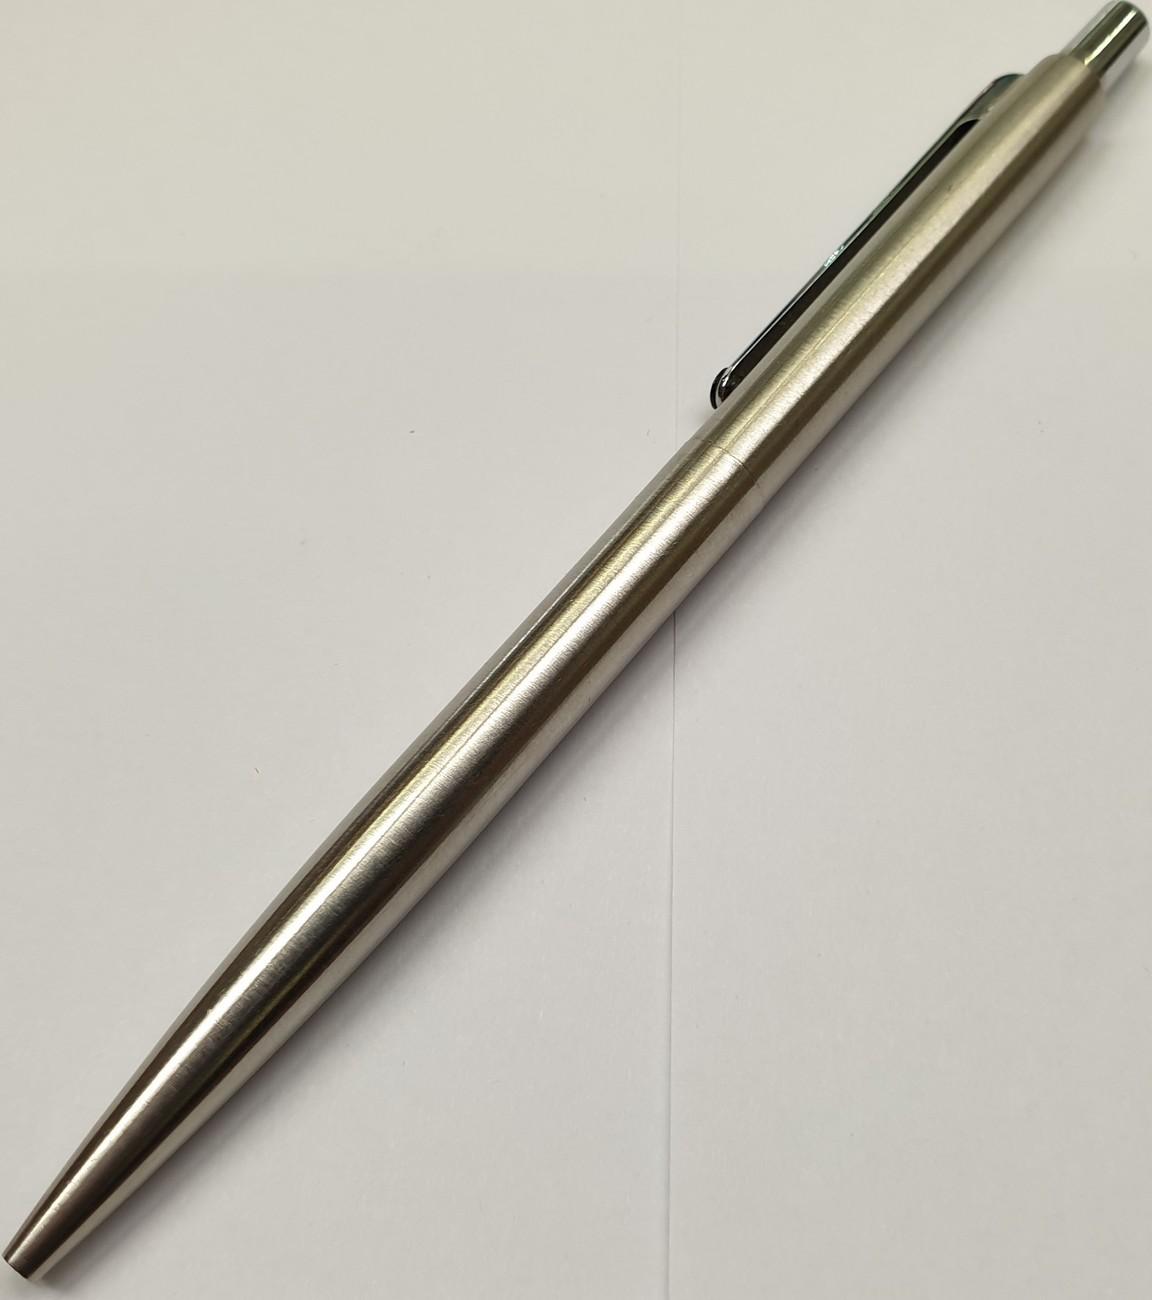 Darwin Air 50 TOP PRODIR KUGELSCHREIBER Metallspitze Swiss made Pen DS5